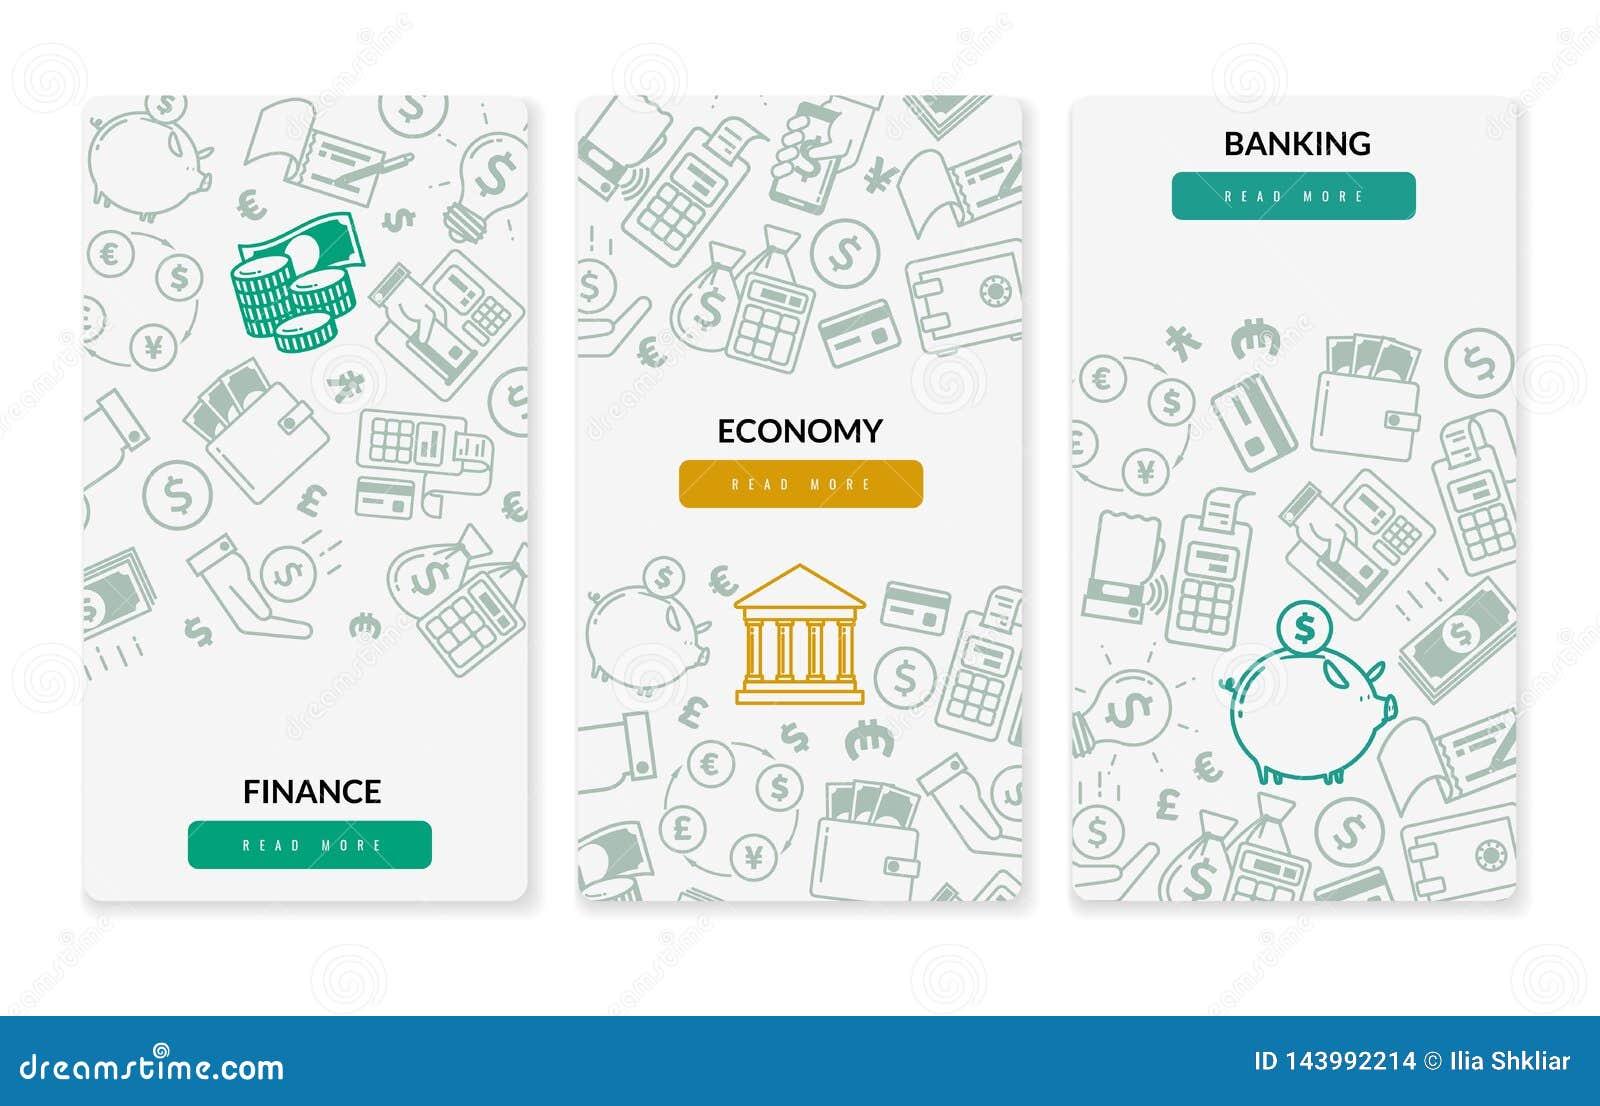 Κάθετα εμβλήματα τραπεζικών εικονιδίων χρηματοδότησης Τρία κάθετα εμβλήματα στο άσπρο υπόβαθρο